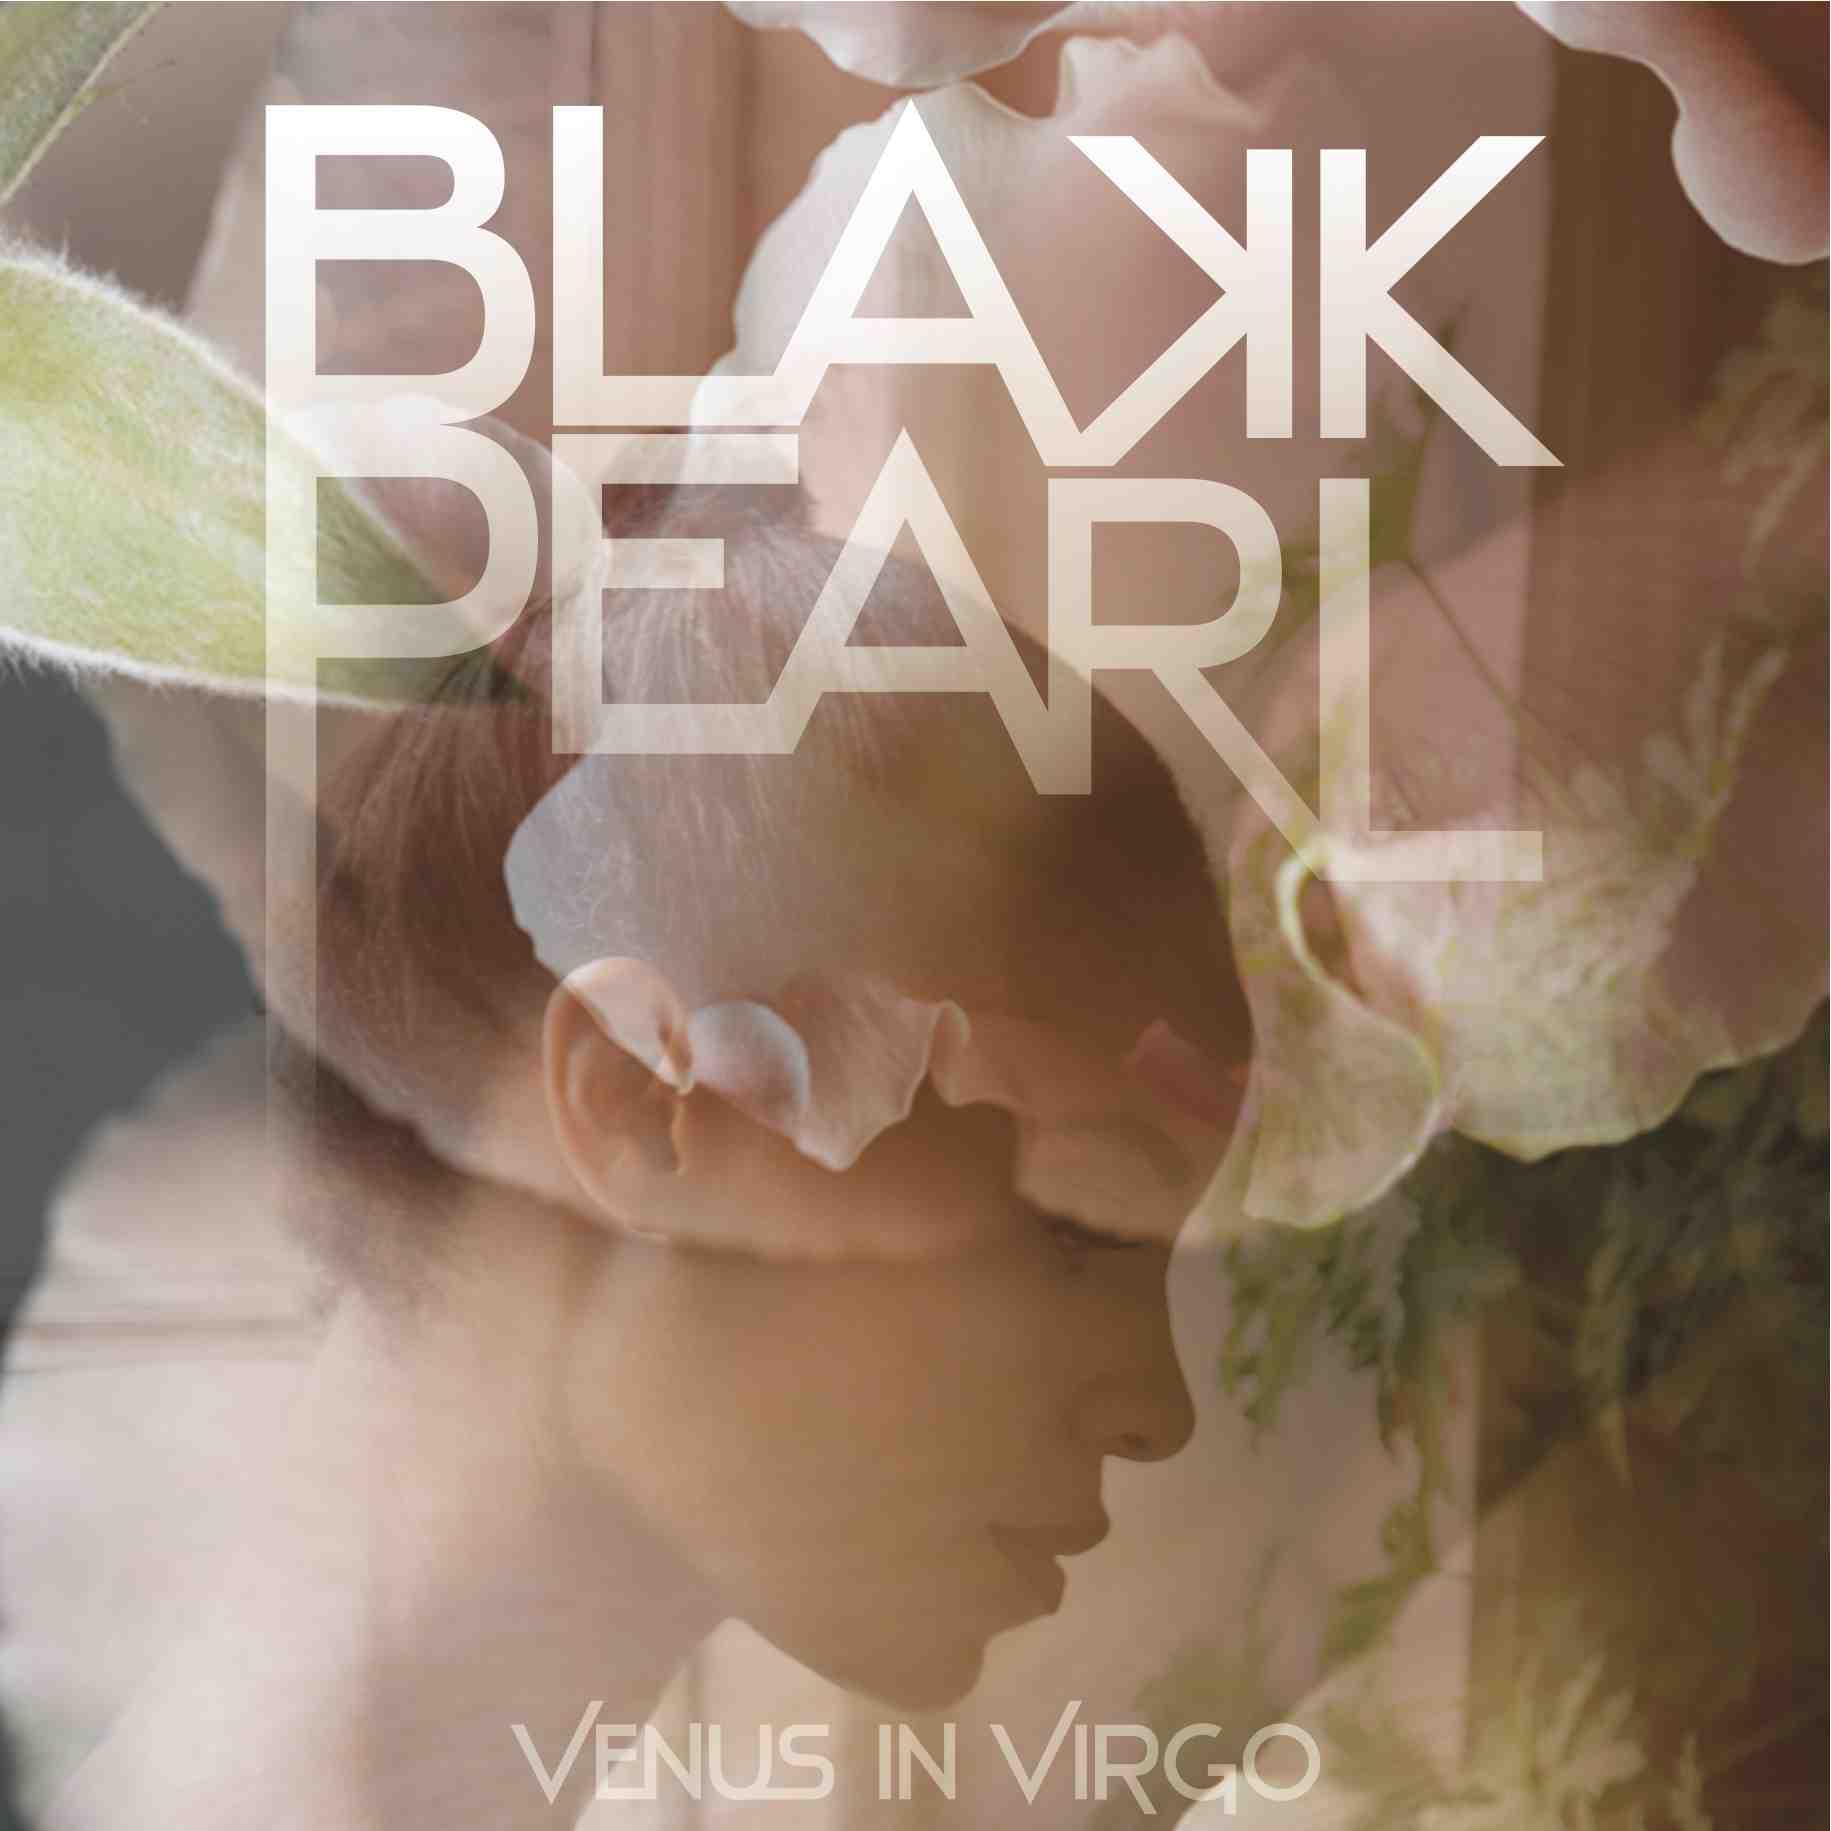 BLACK PEARL venus in virgo A 23.03.16